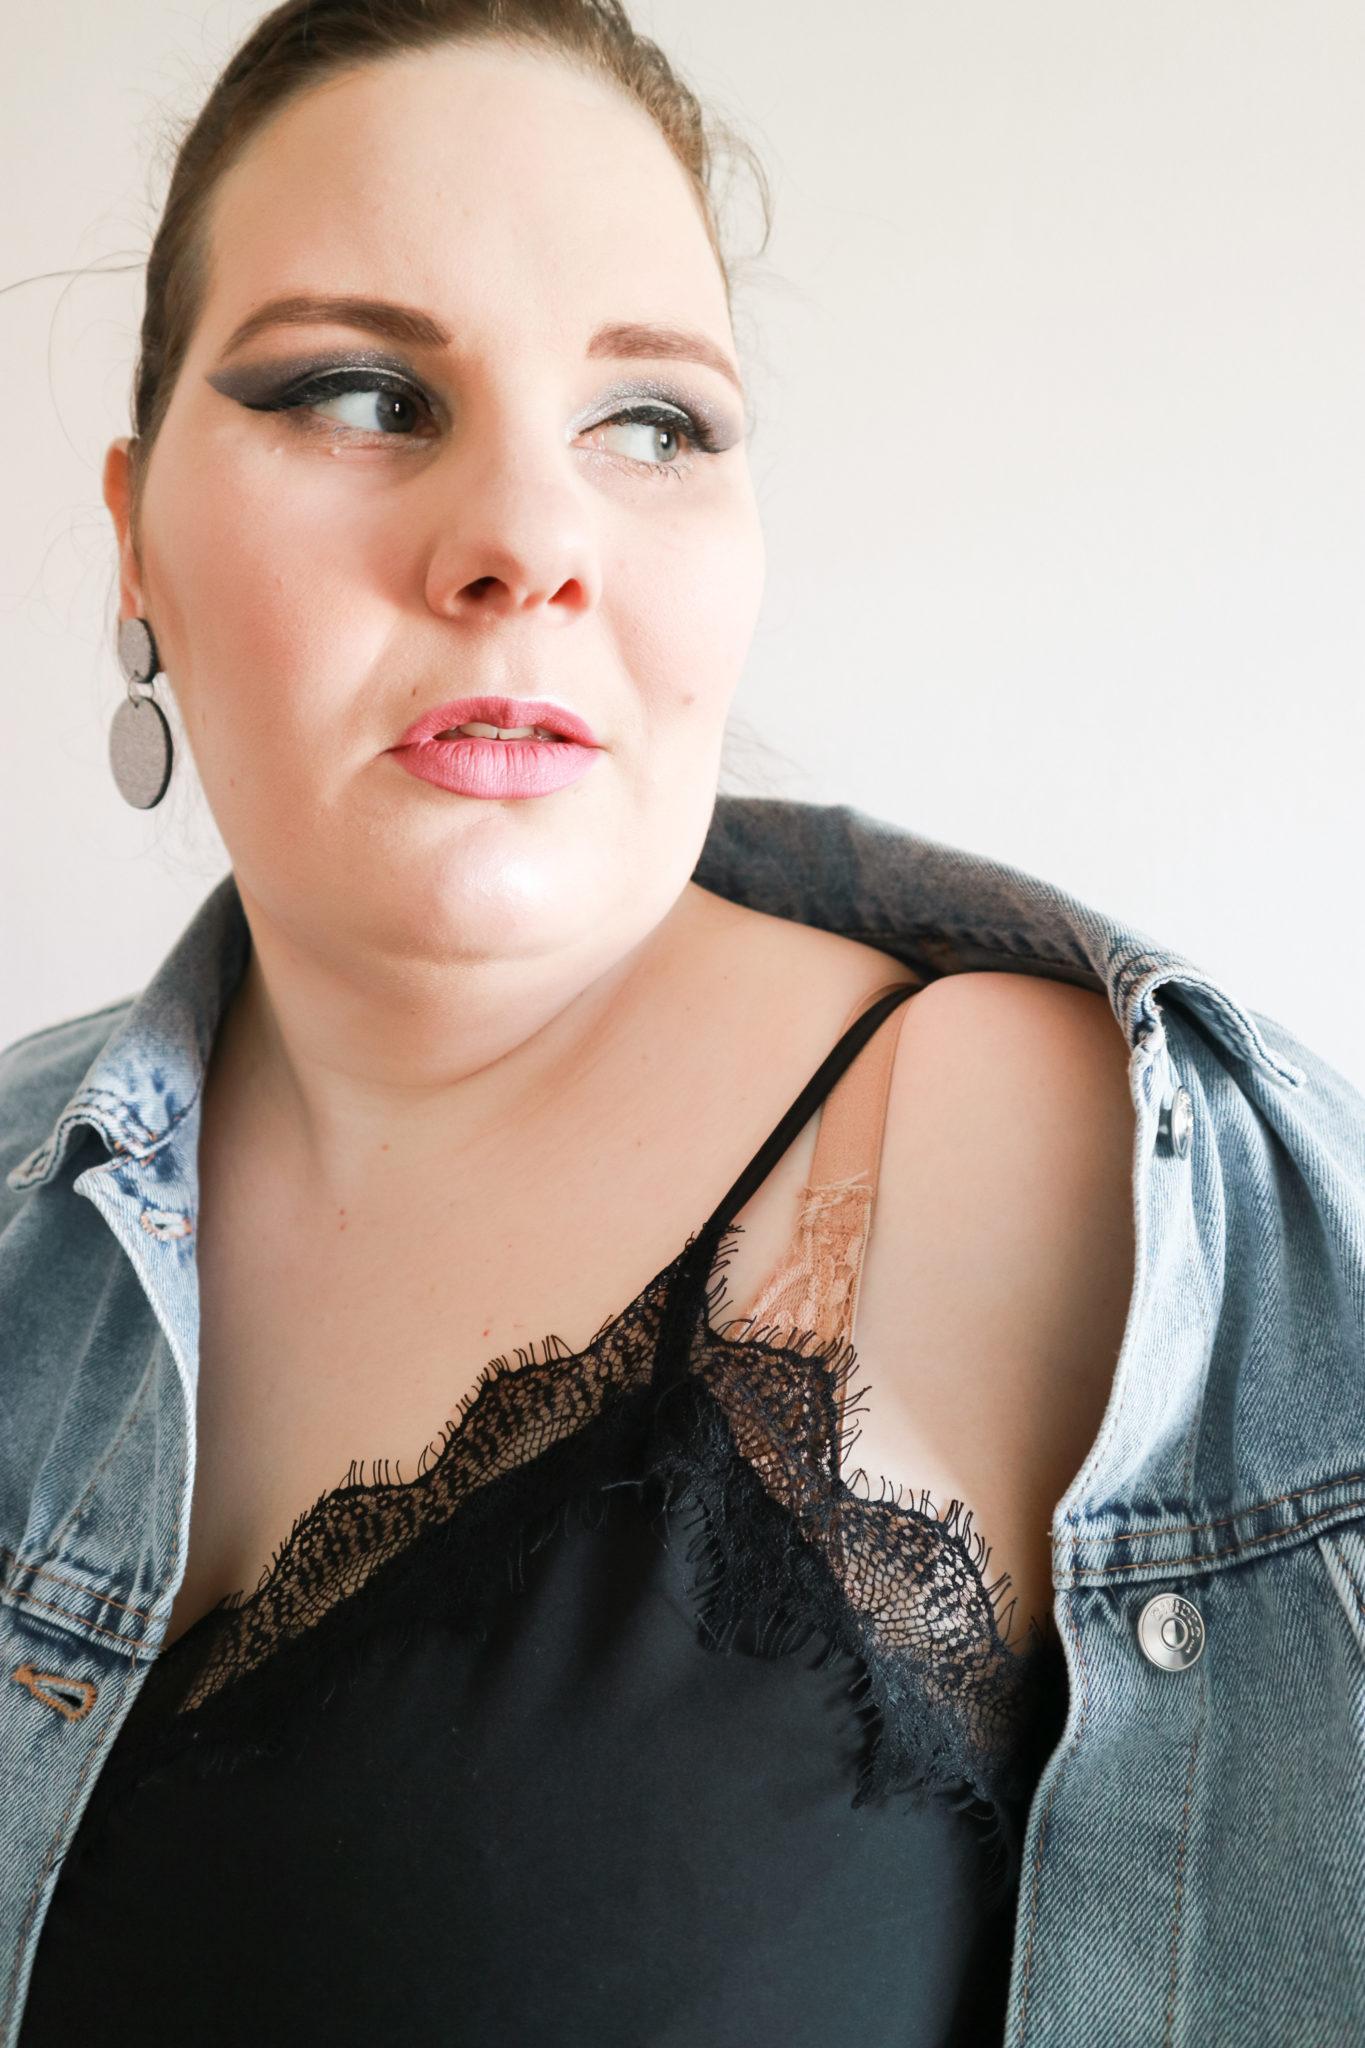 Pettäminen - Big mamas home by Jenni